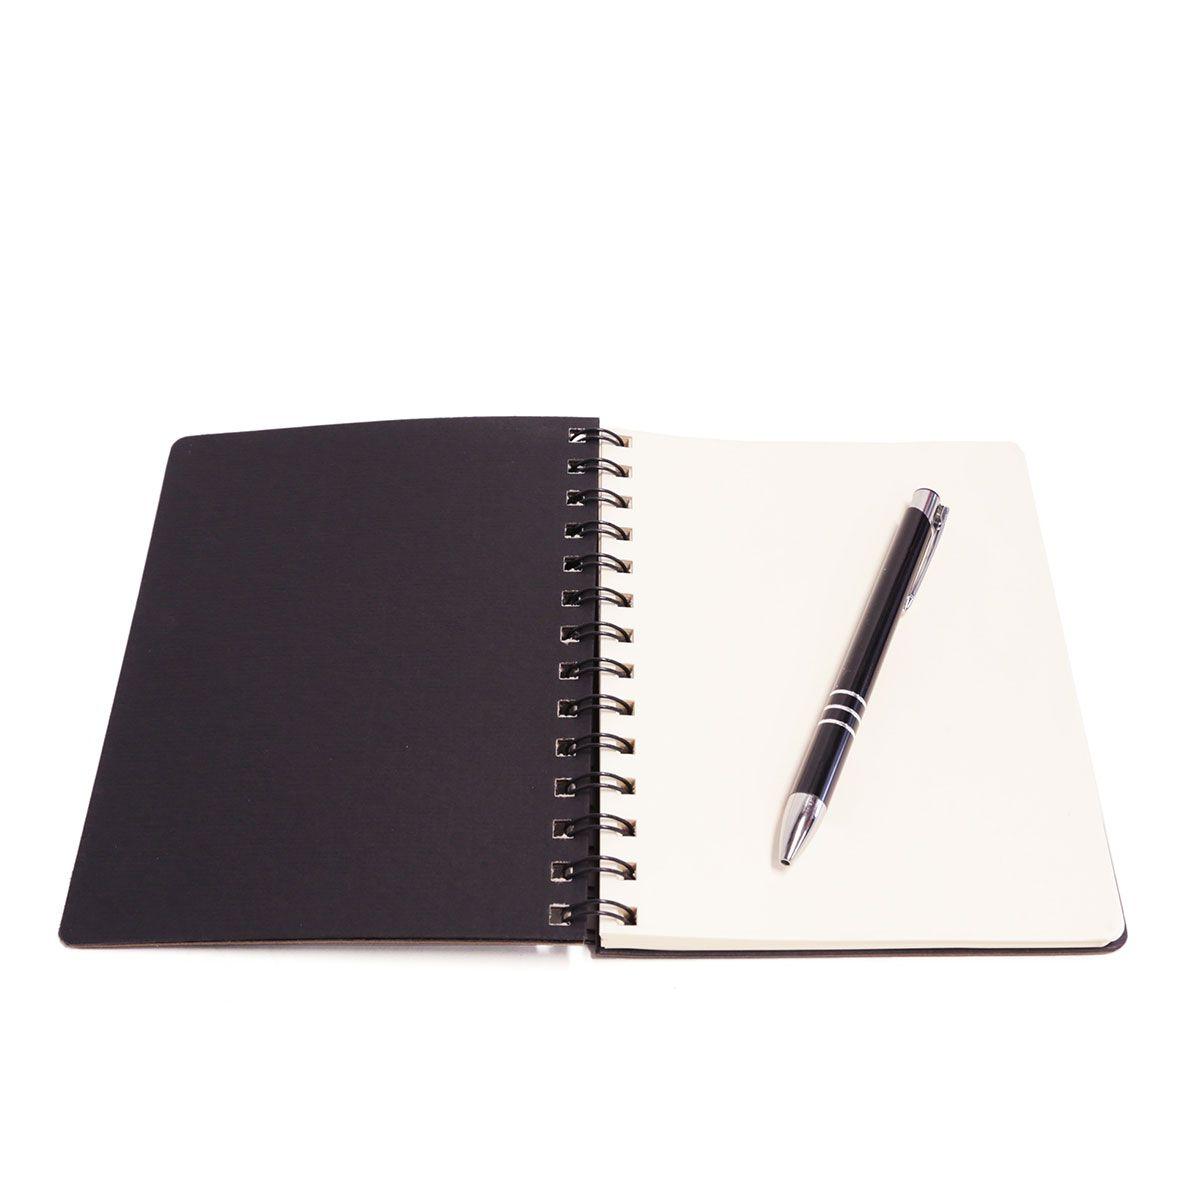 Caderno wire-o com caneta (Montana Havana)